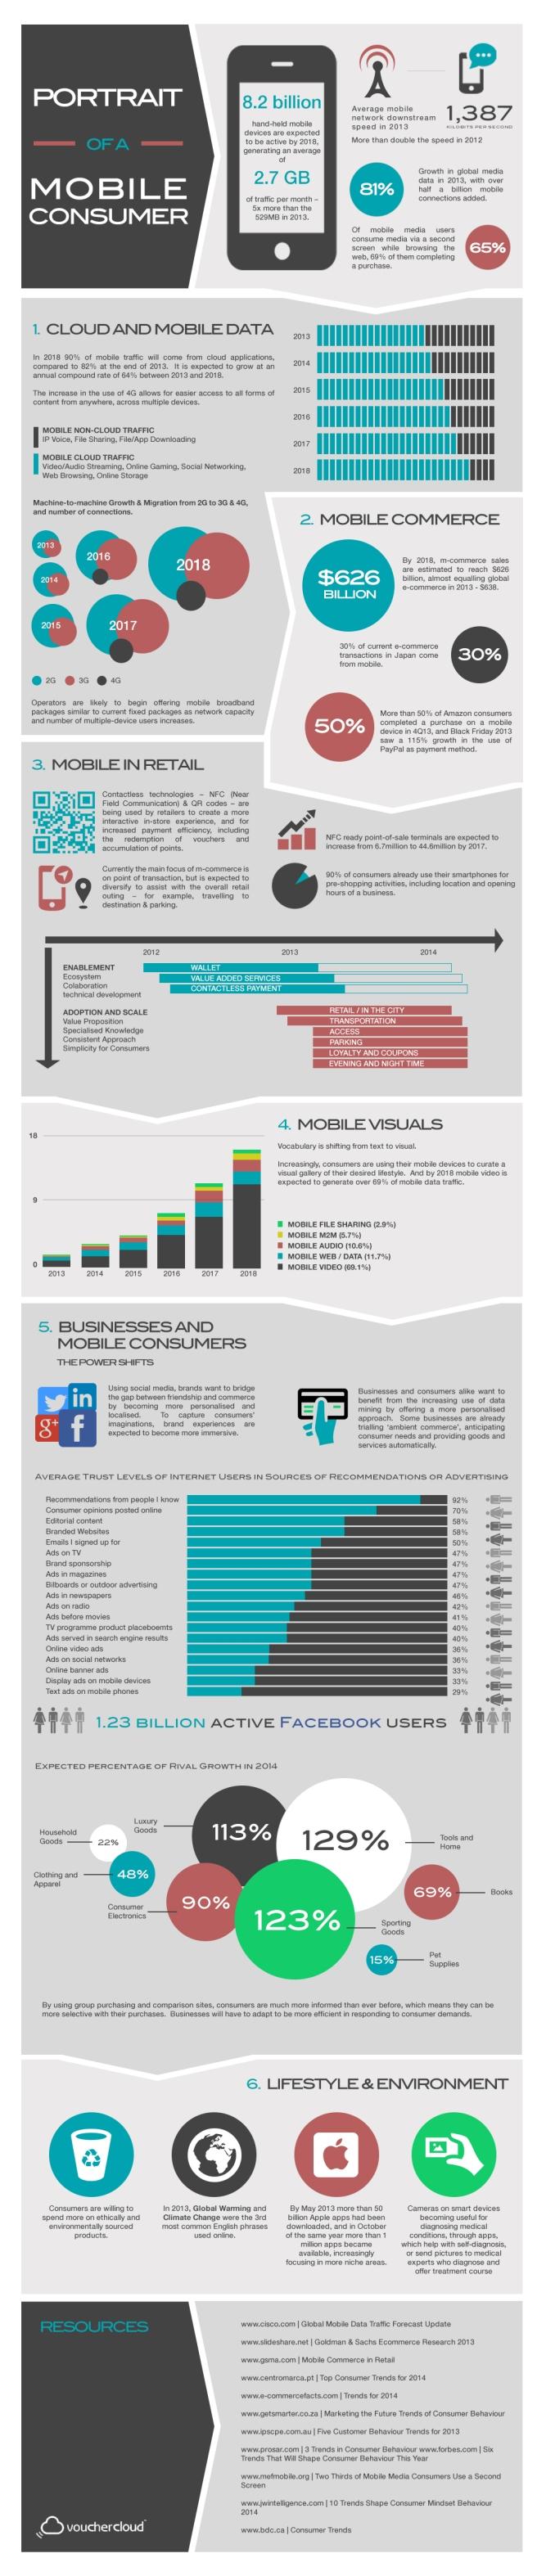 Mobileconsumerisminfographic1